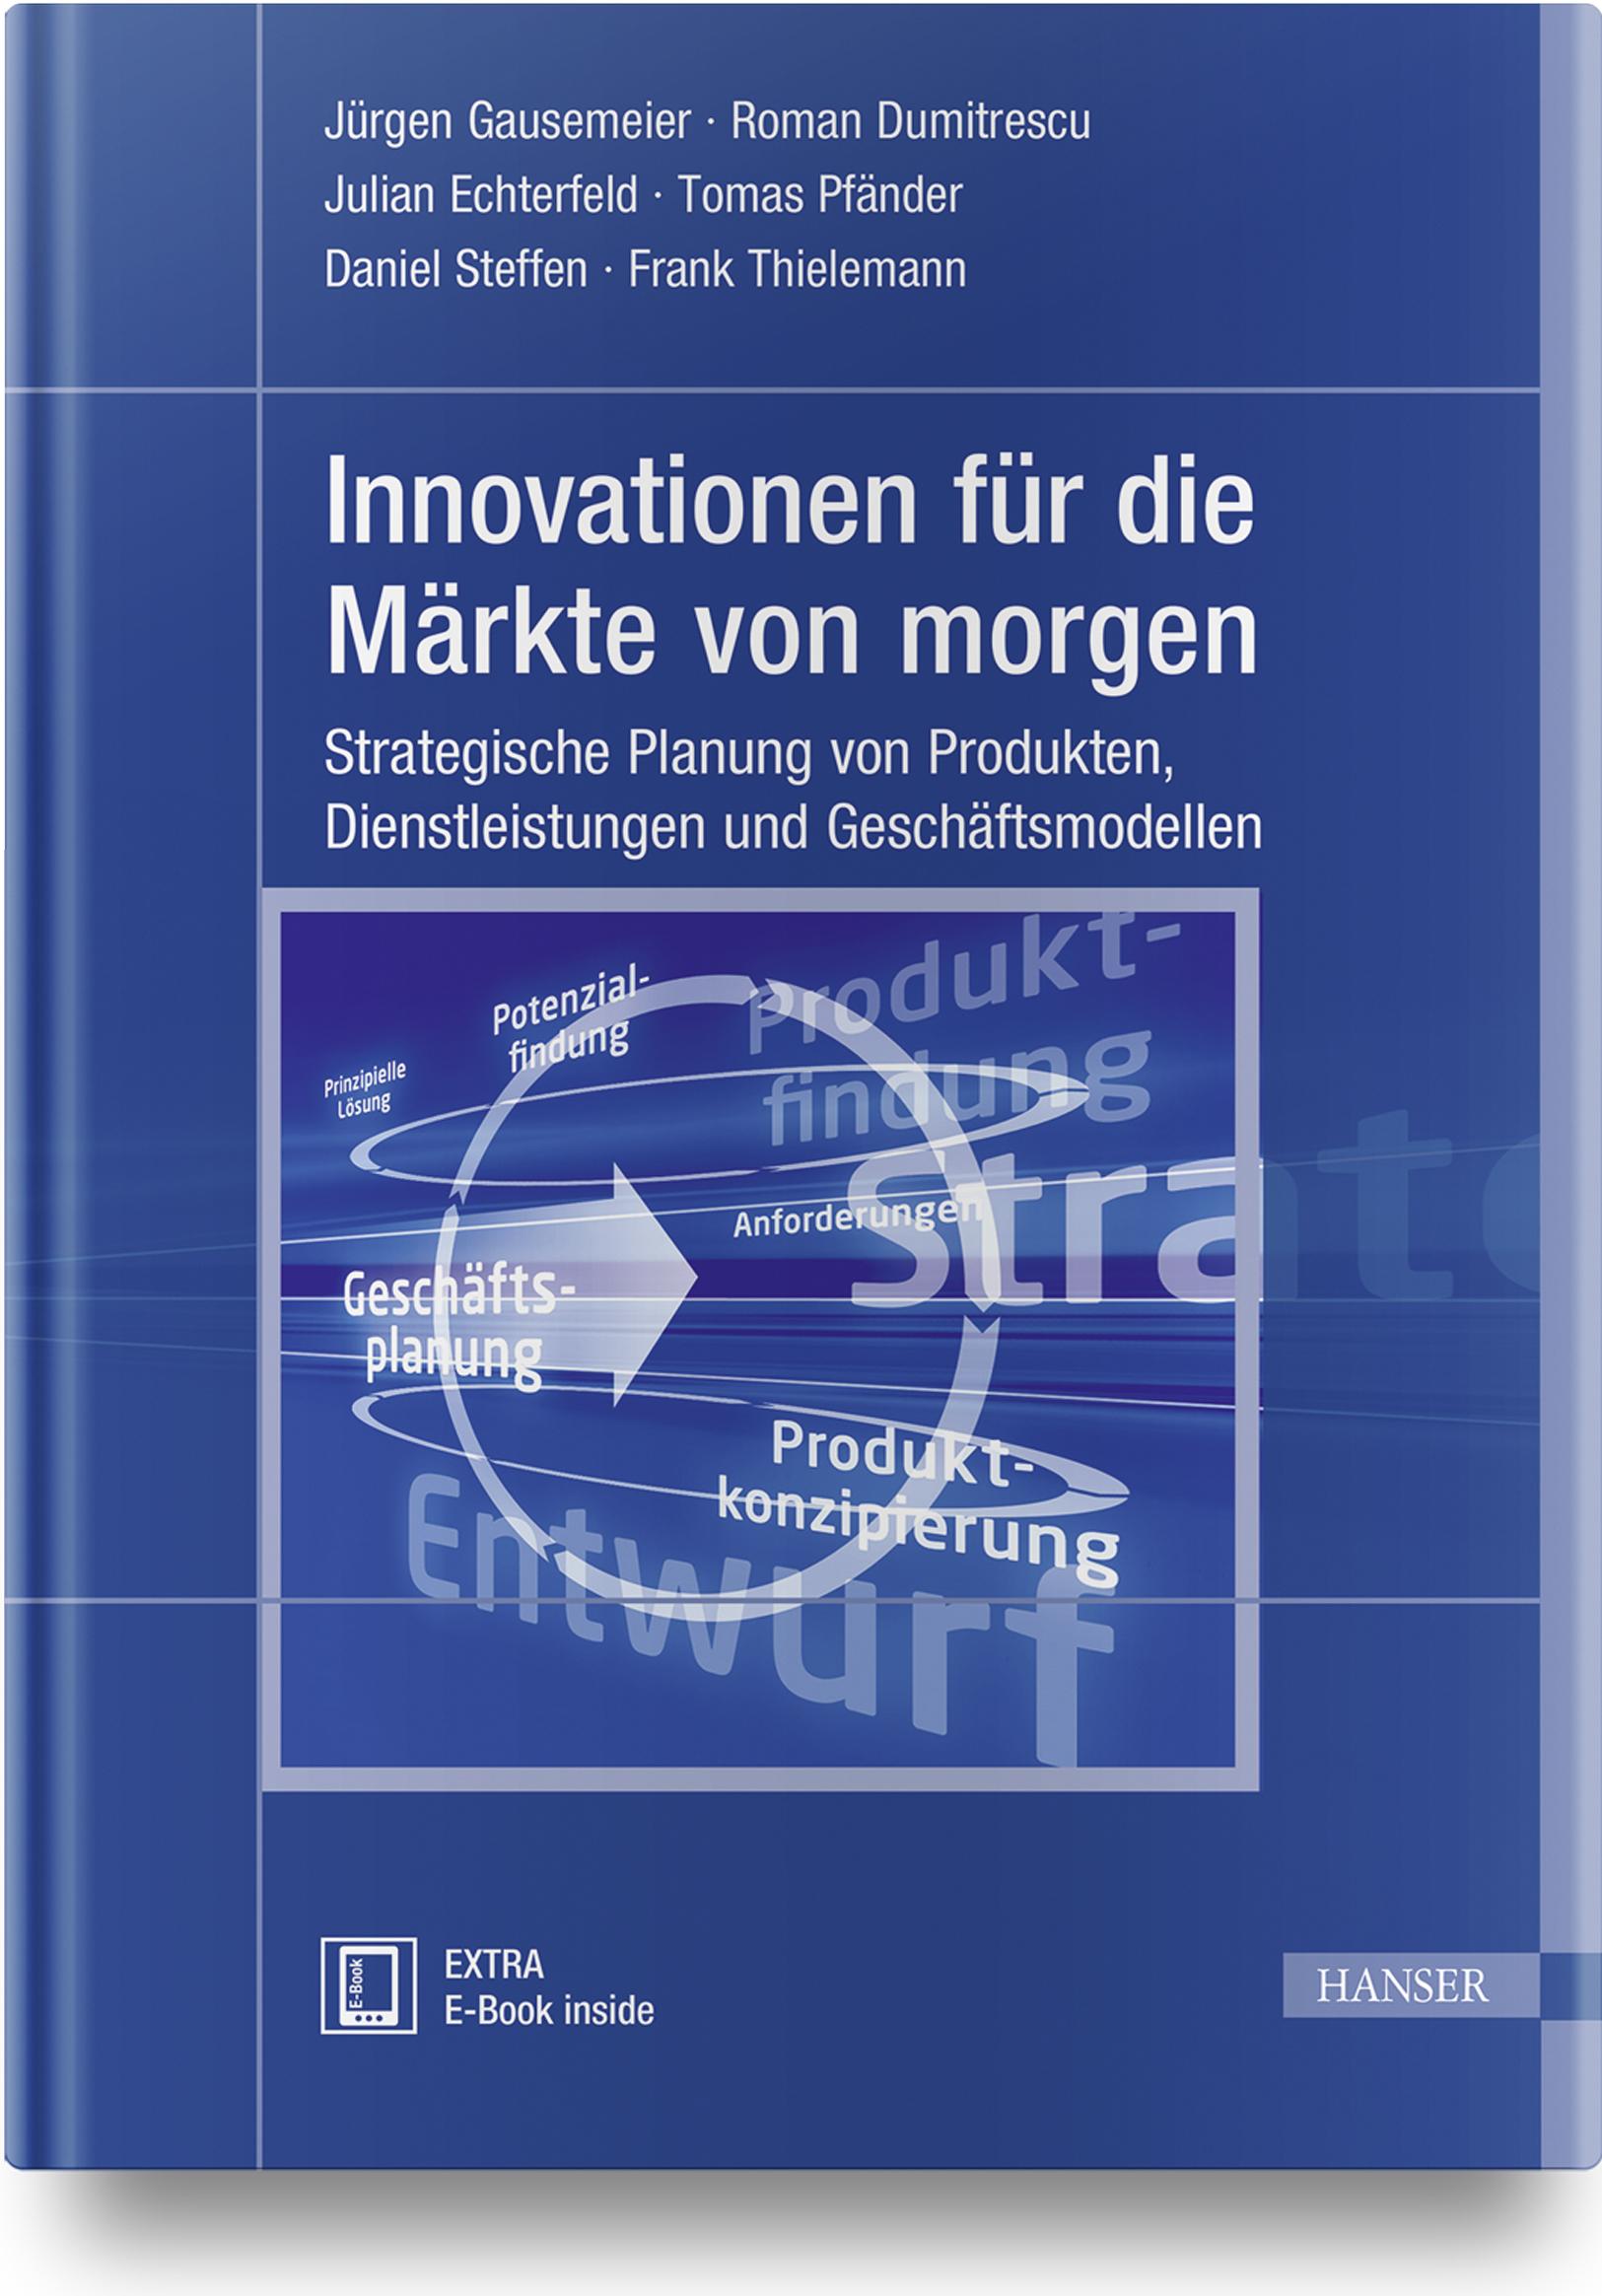 Gausemeier, Dumitrescu, Echterfeld, Pfänder, Steffen, Thielemann, Innovationen für die Märkte von morgen, 978-3-446-42824-9